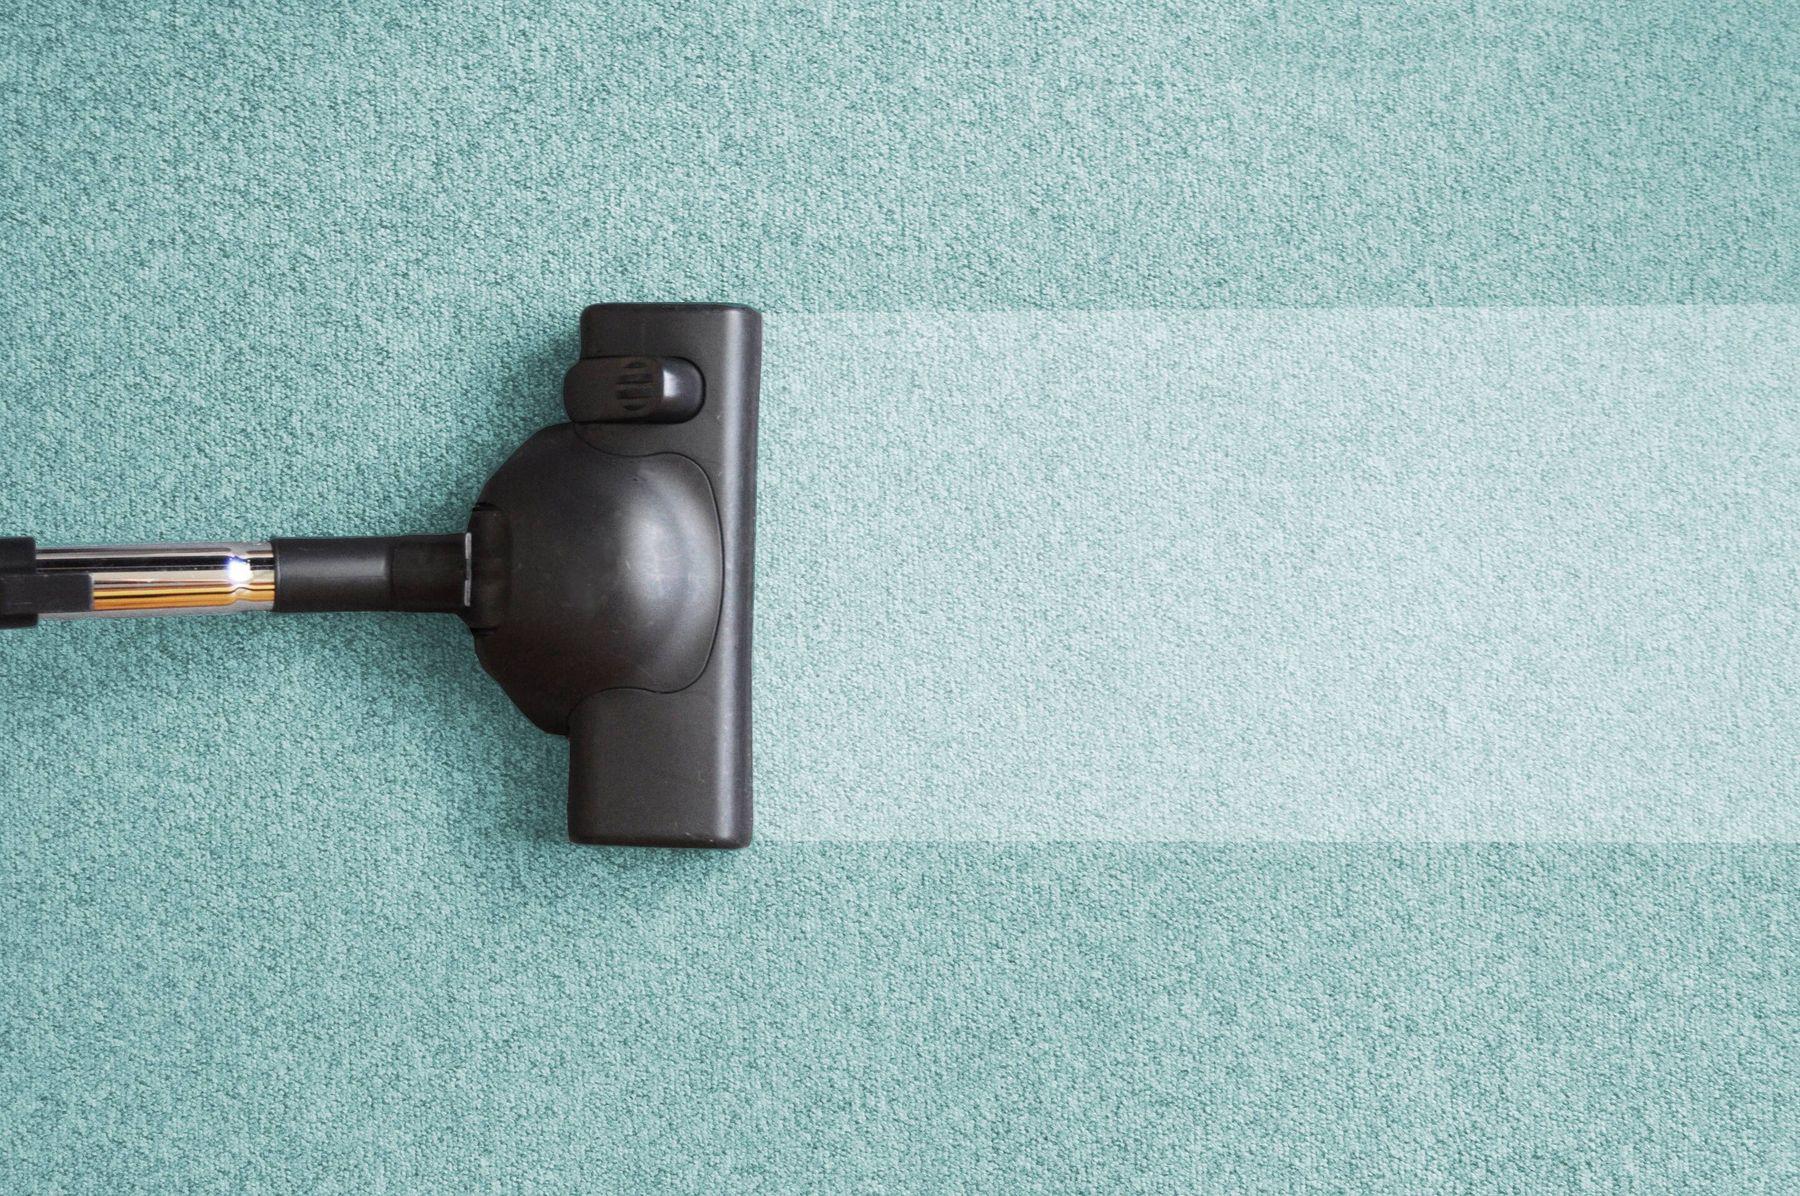 elektrikli süpürge borusu nasıl temizlenir?